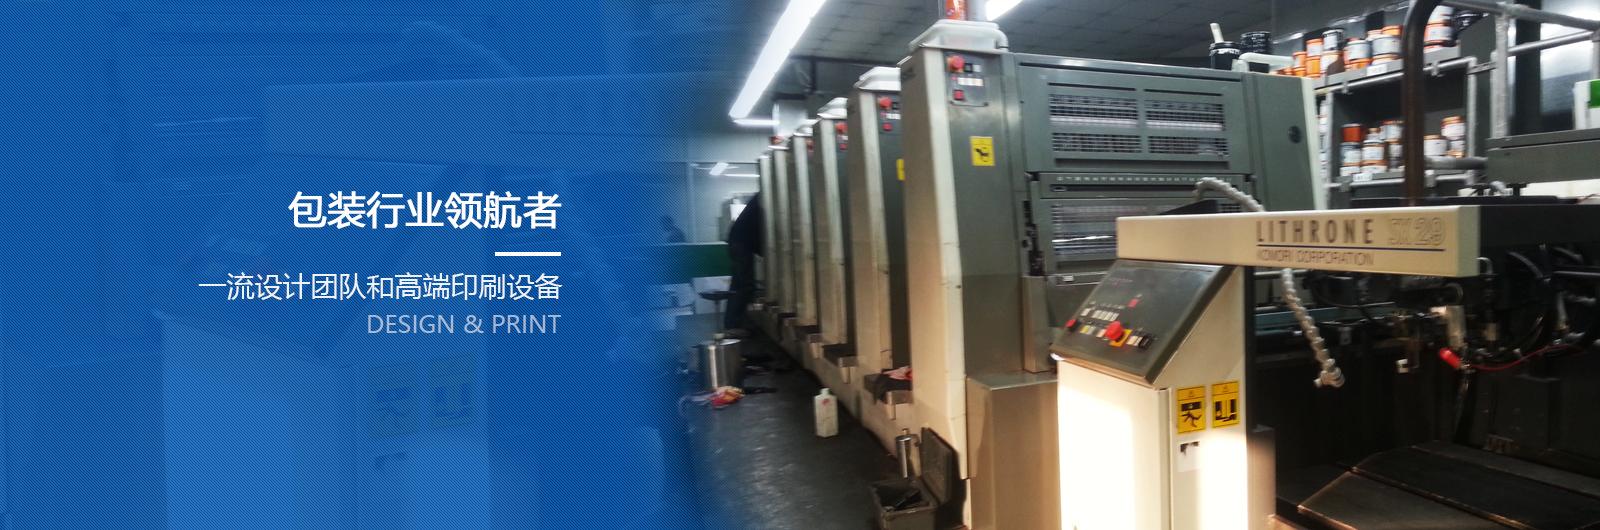 上海印刷厂家